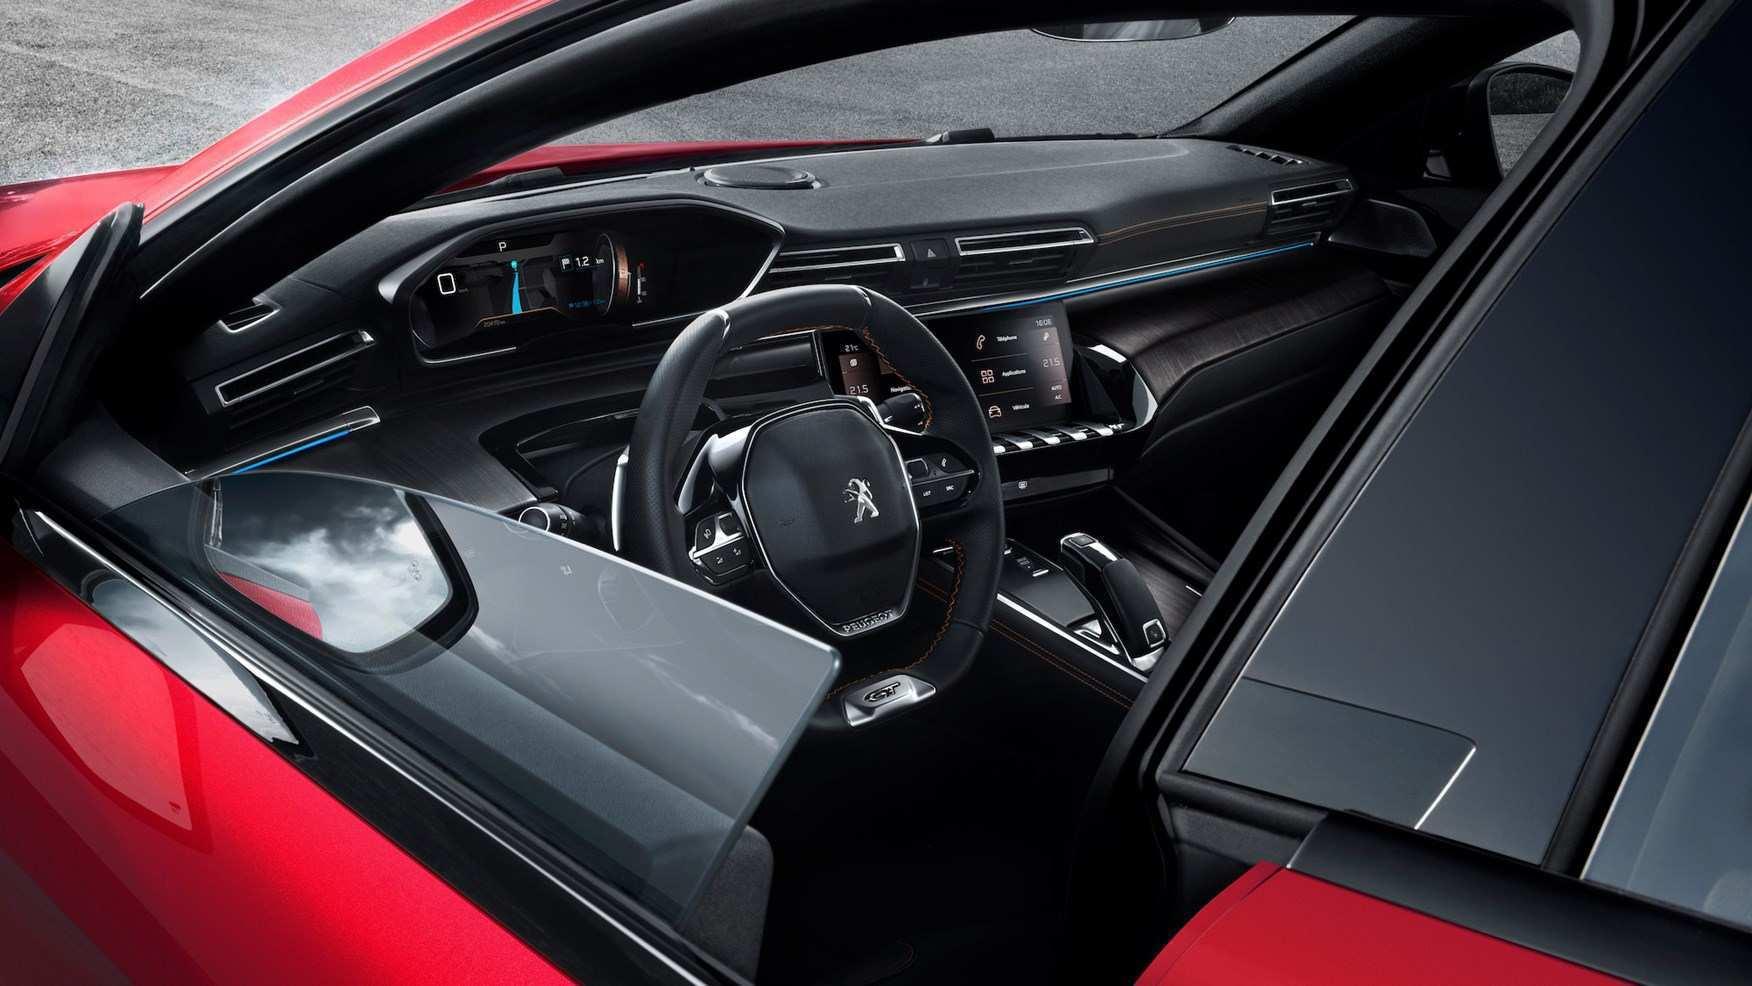 44 Great Motori 2020 Peugeot Redesign with Motori 2020 Peugeot